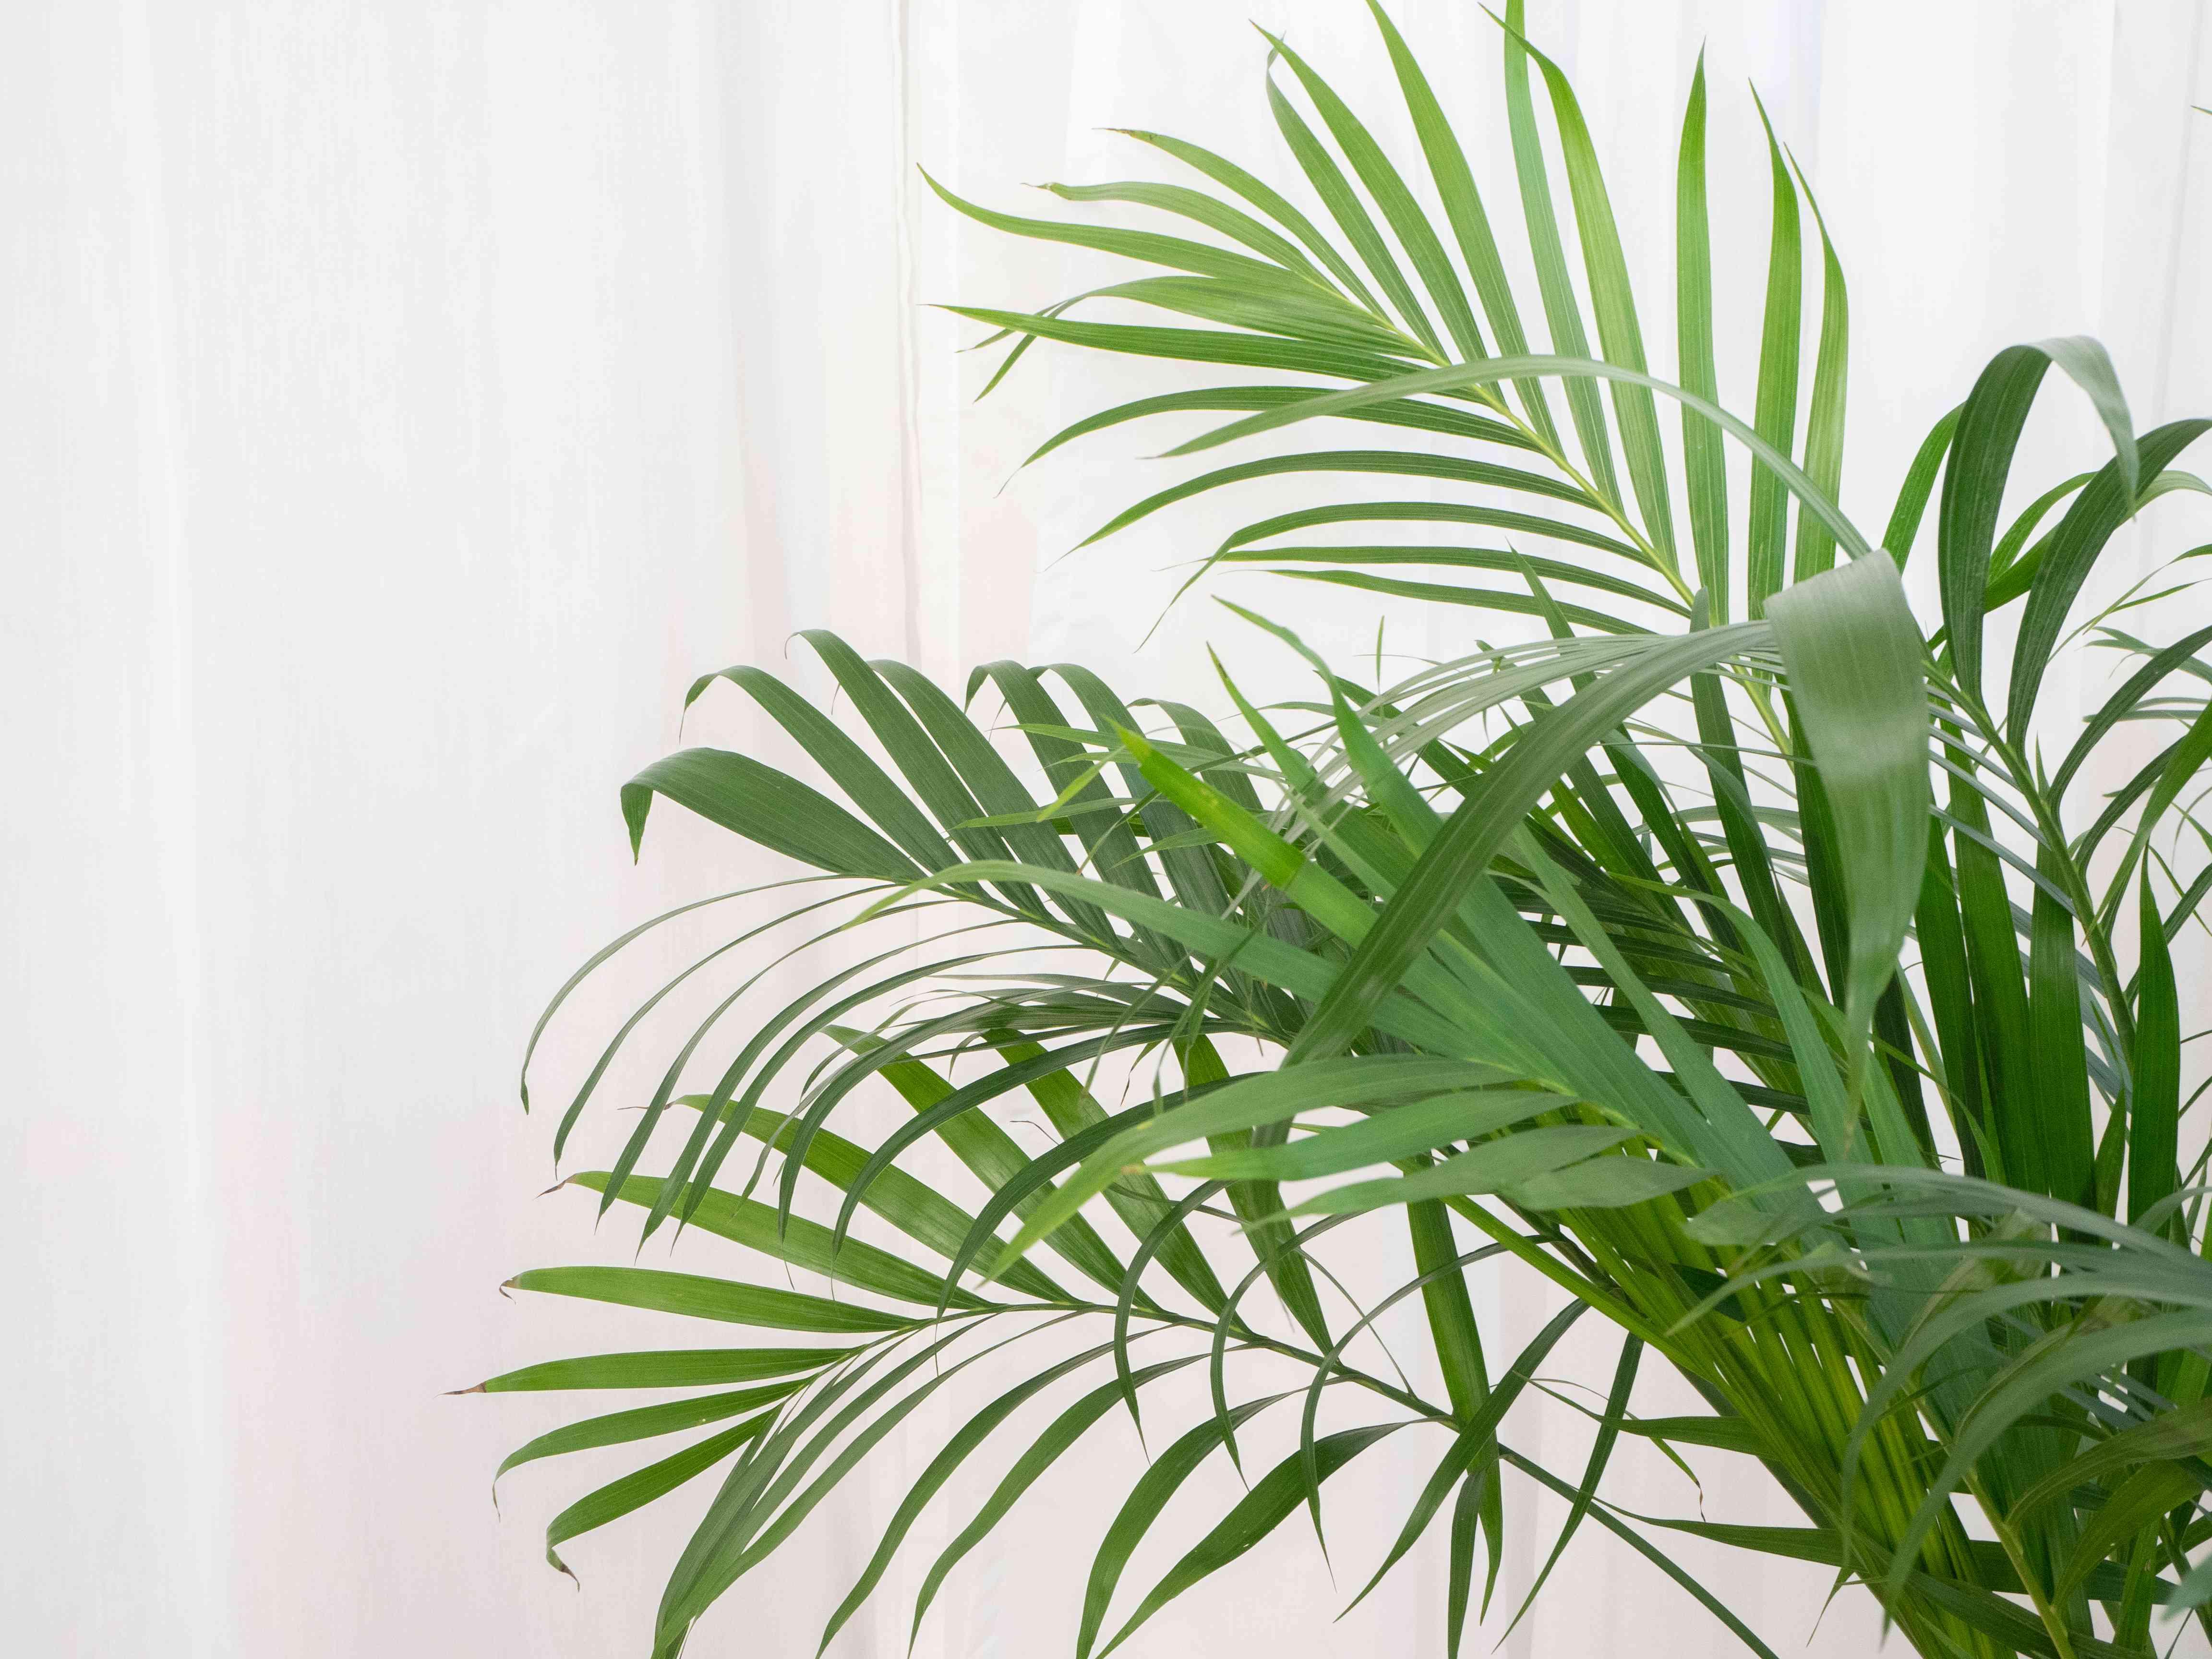 closeup of an areca palm